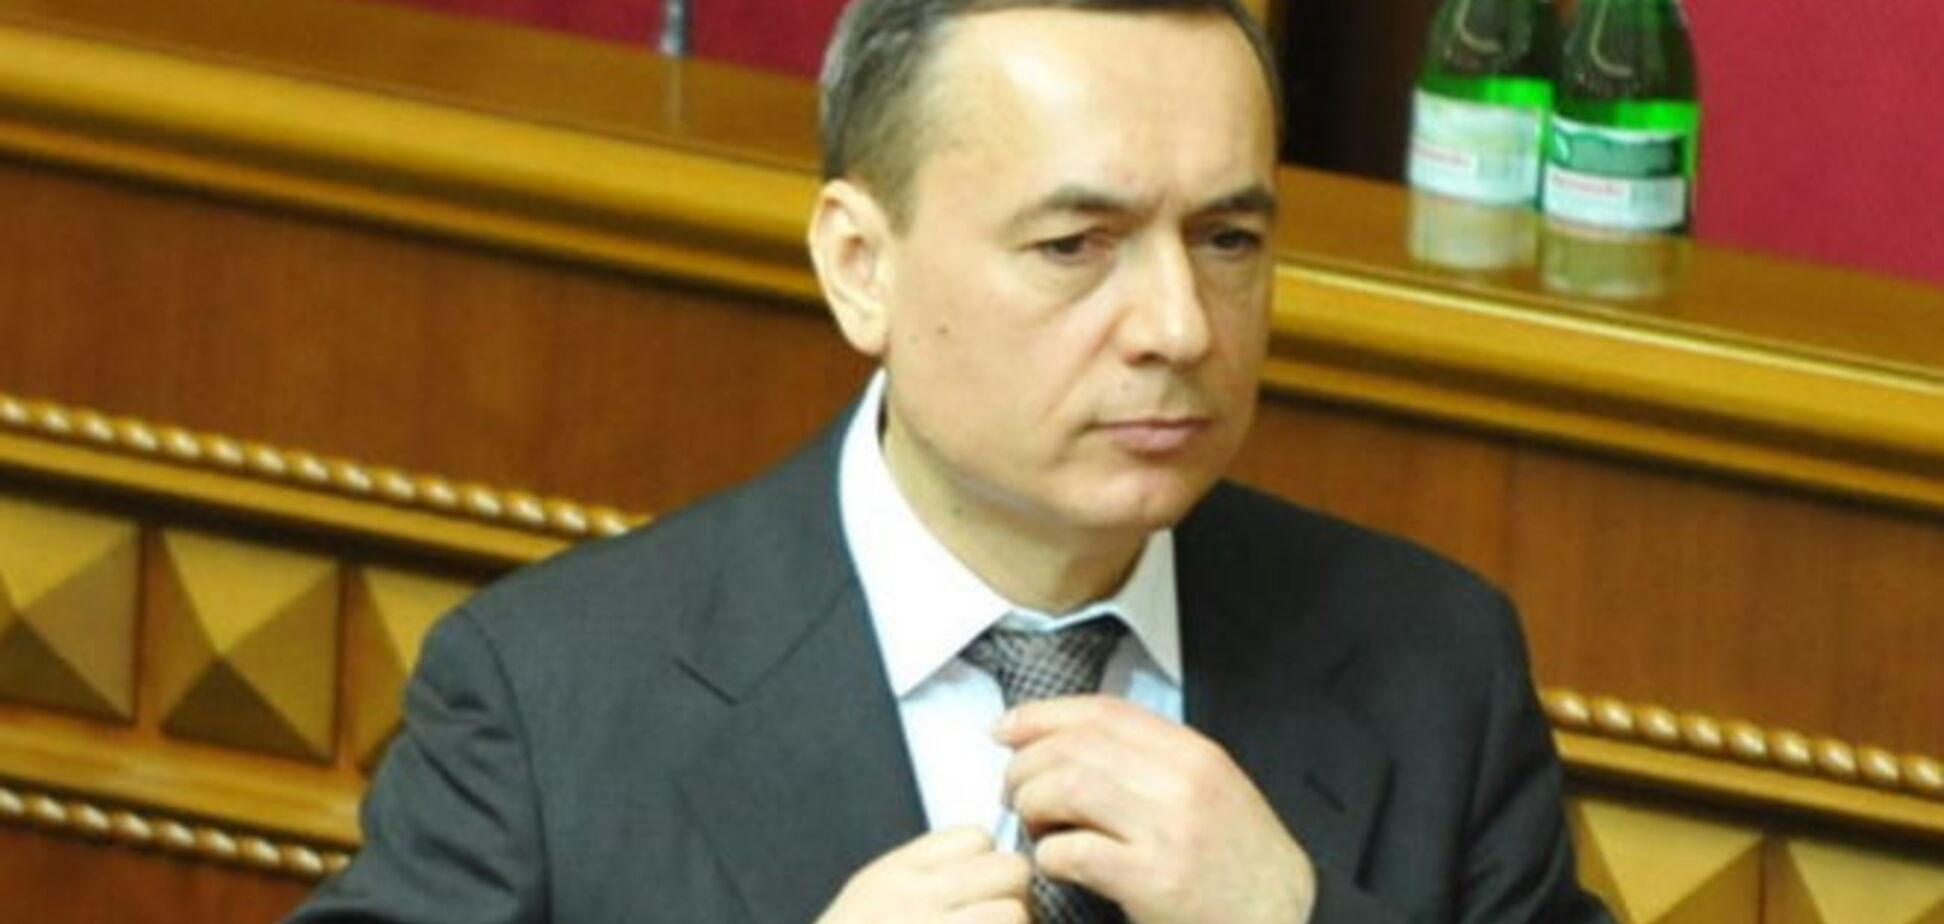 Скосарь рассказал, где взял $6 млн для Мартыненко